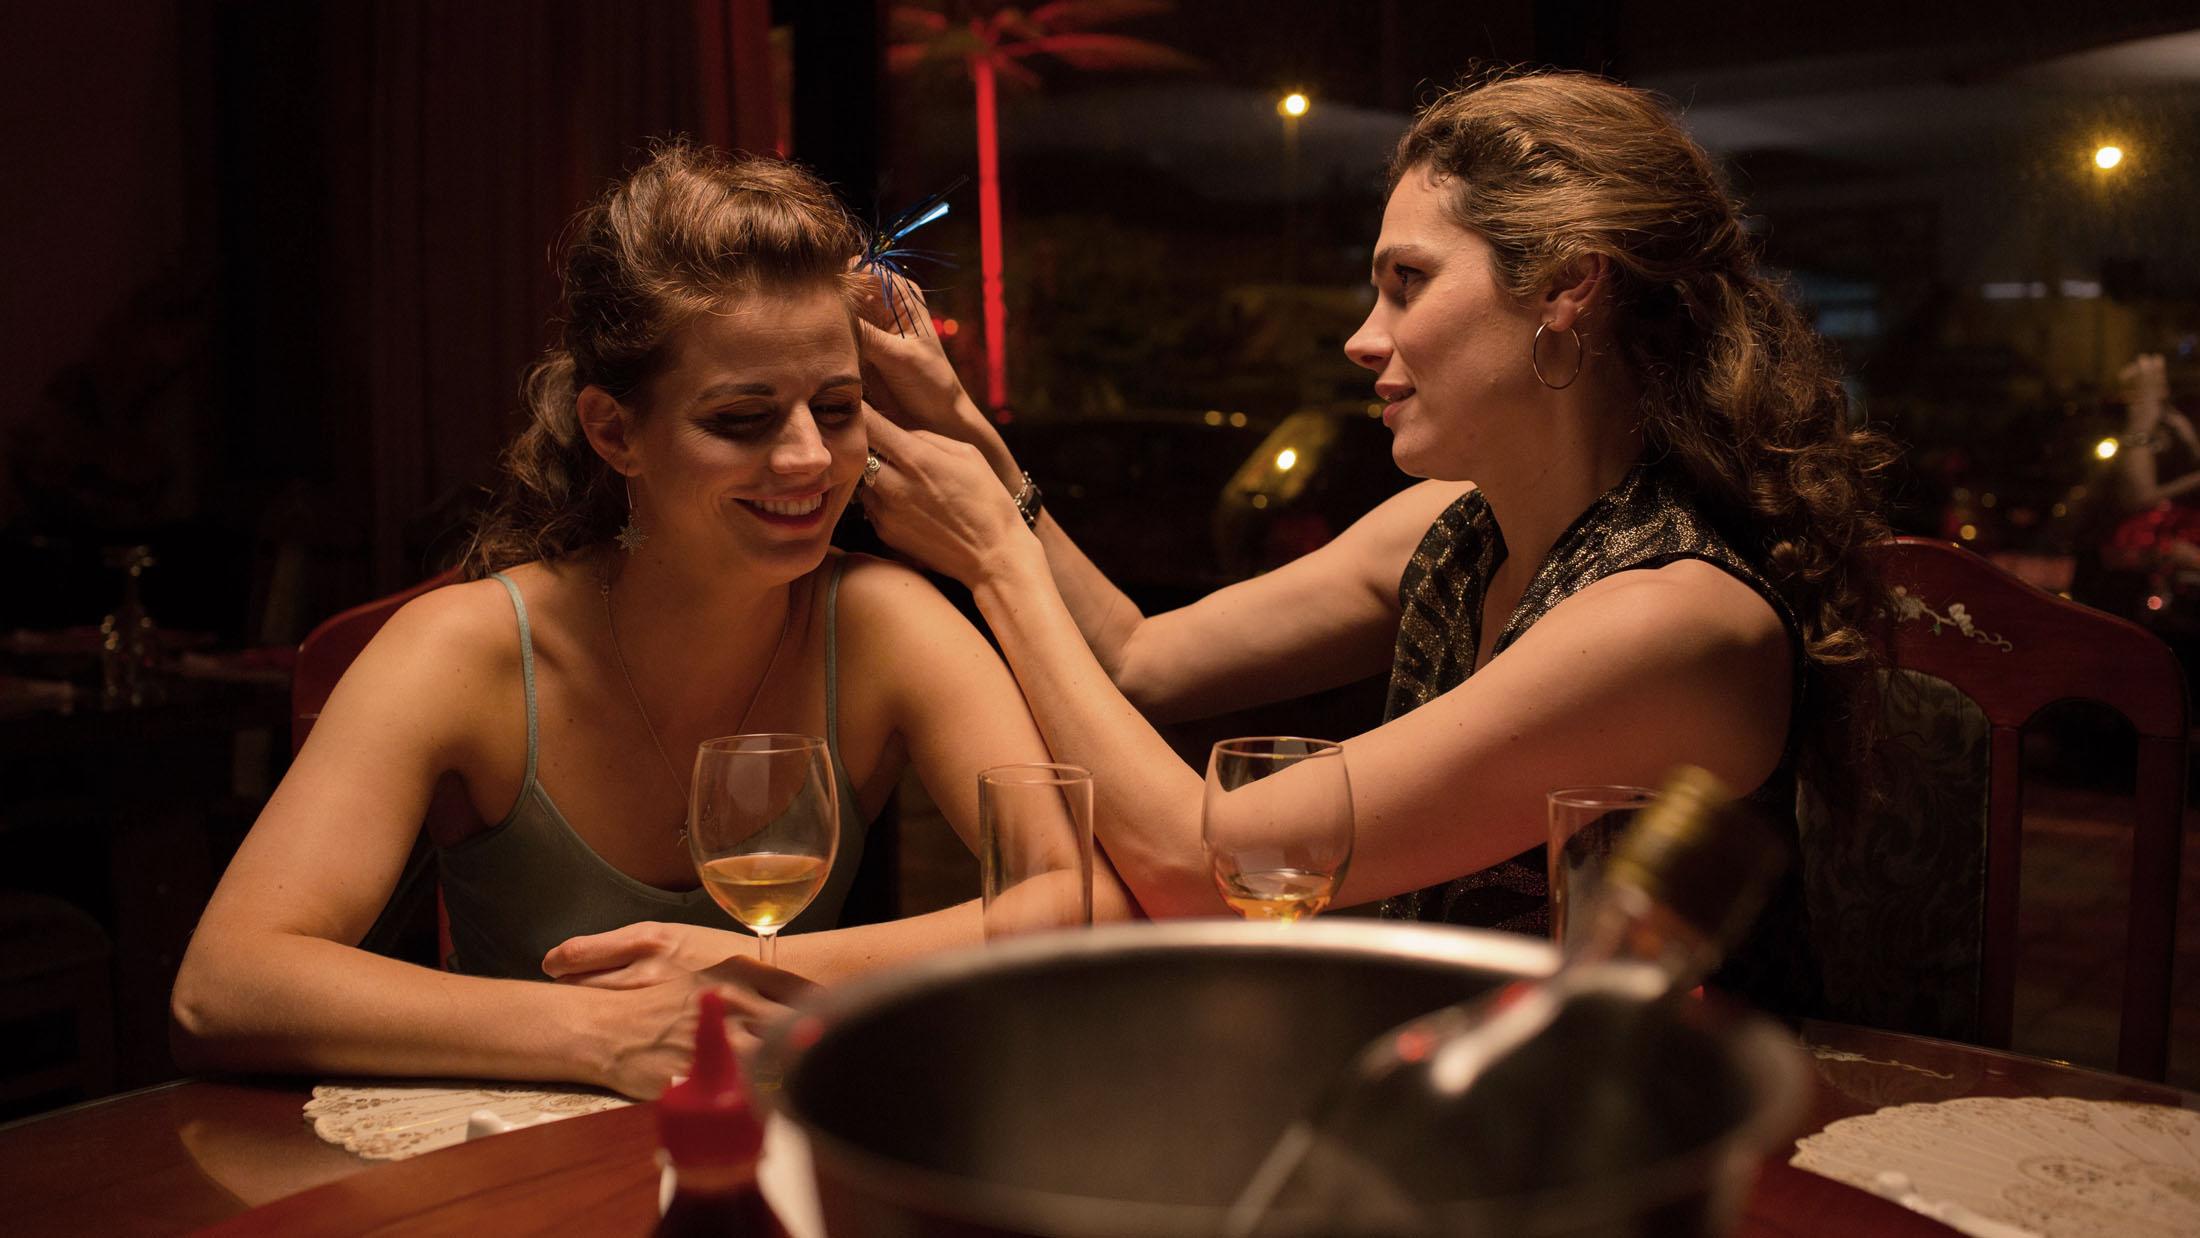 Elise Schaap & Anna Drijver in UNDERCOVER directed by Frank Devos & Eshref Reybrouck. DoP Laurens De Geyter. Courtesy De Mensen/Eén/Netflix